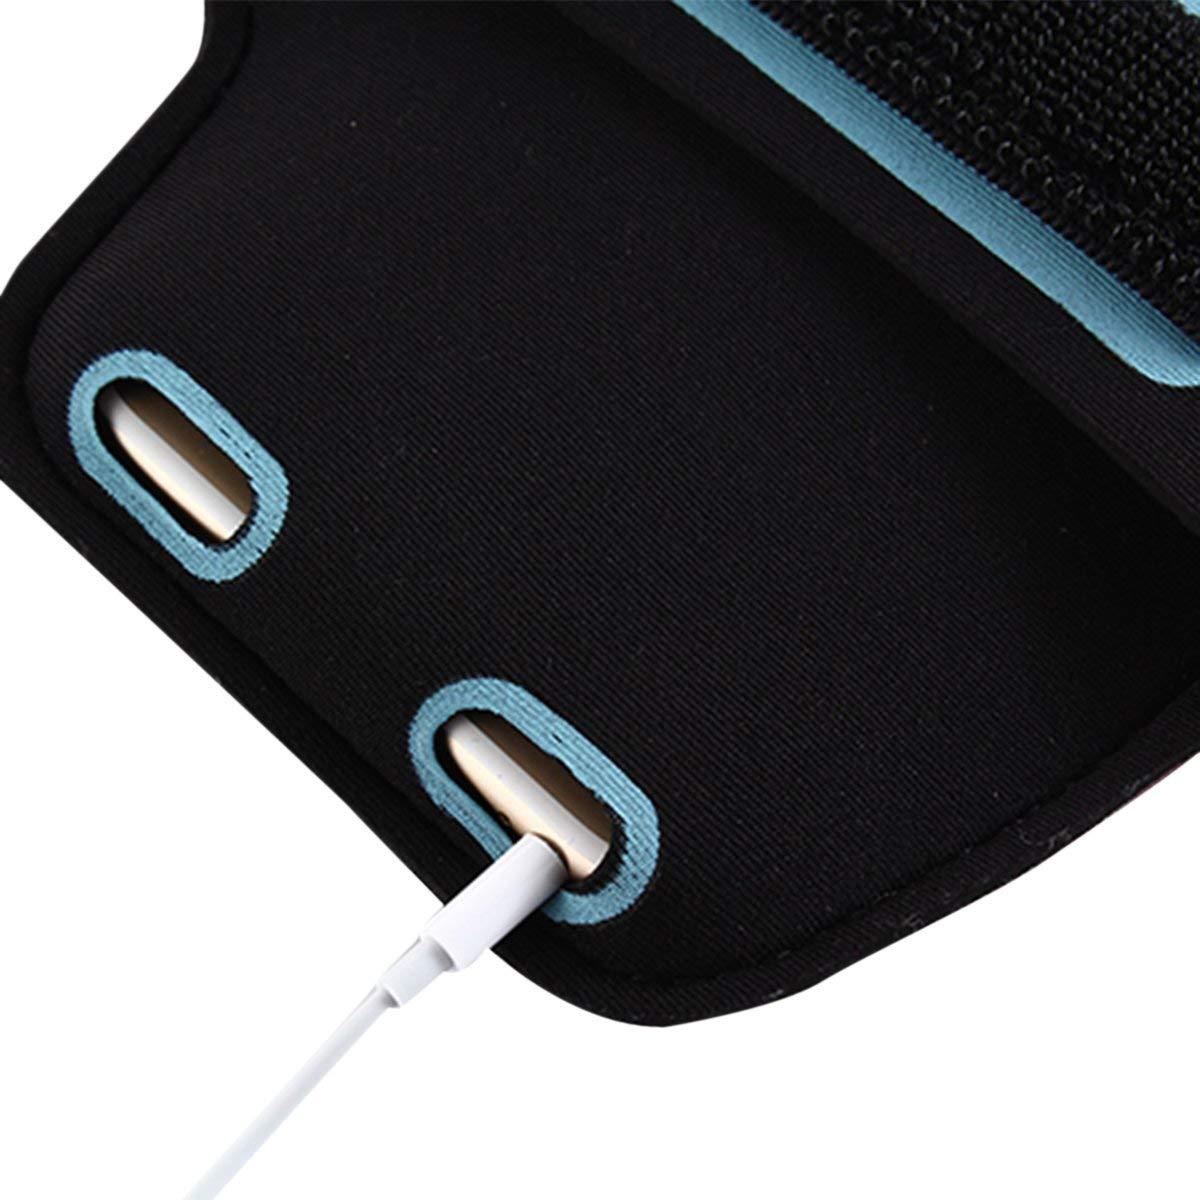 Đai tập thể dục đeo tay dành cho điện thoại màn hình 4,7 inch